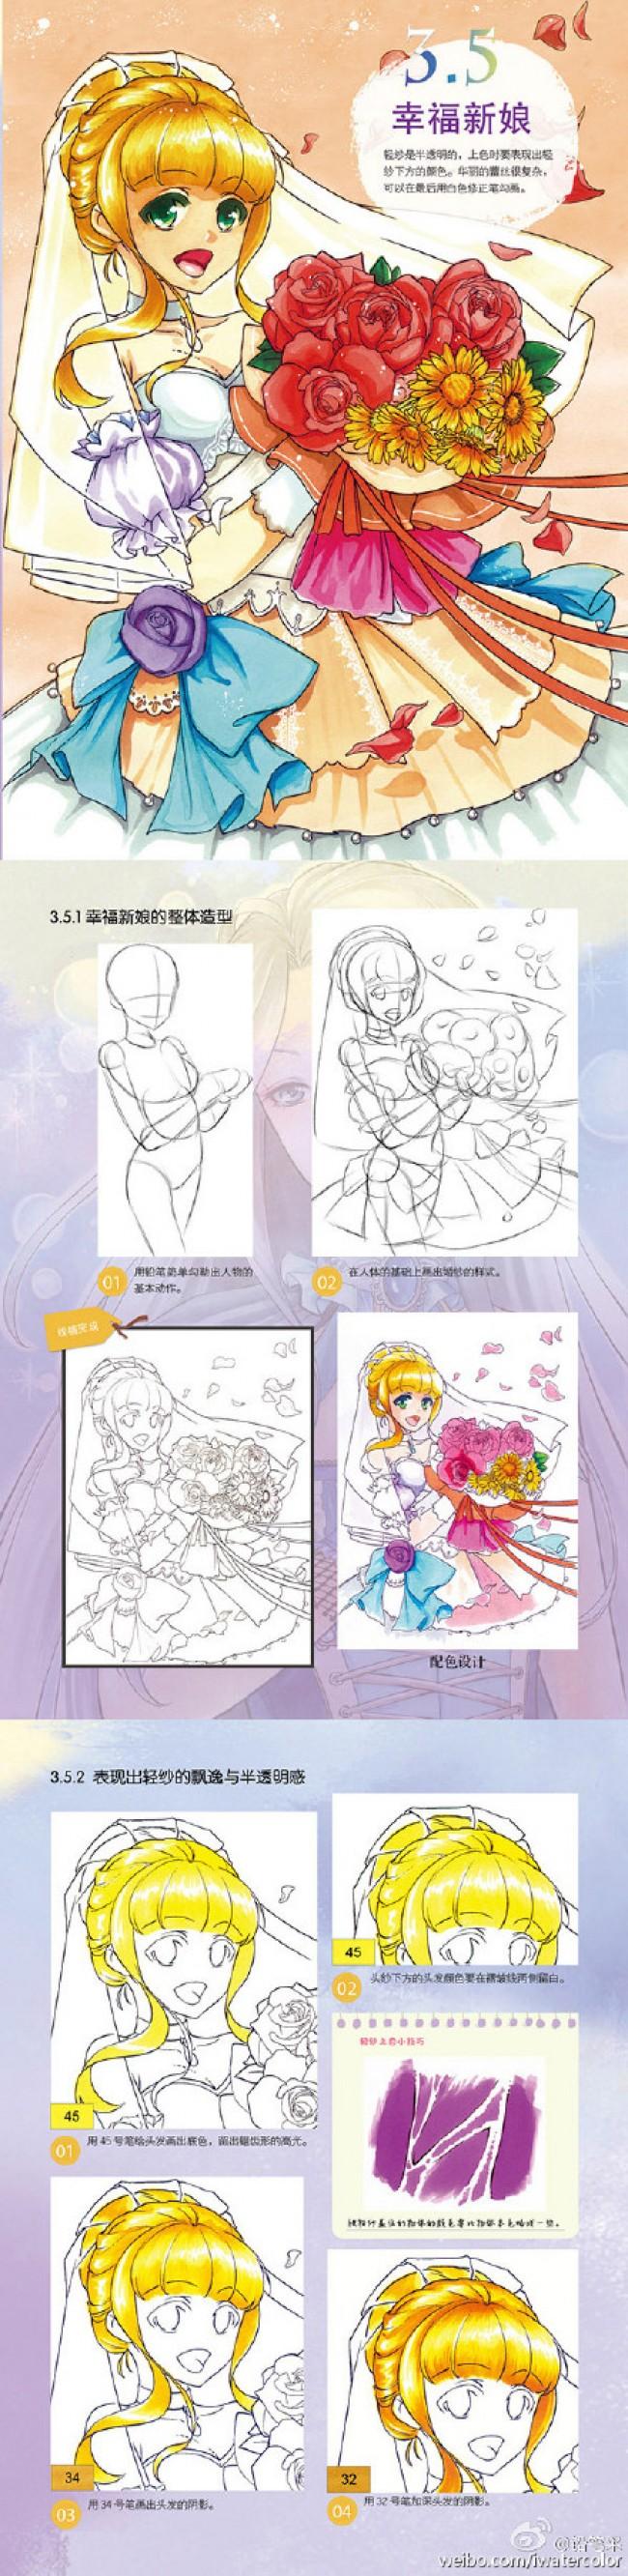 捧着鲜花穿着婚纱的新娘子插画手绘教程 马克笔上色步骤过程_www.youyix.com